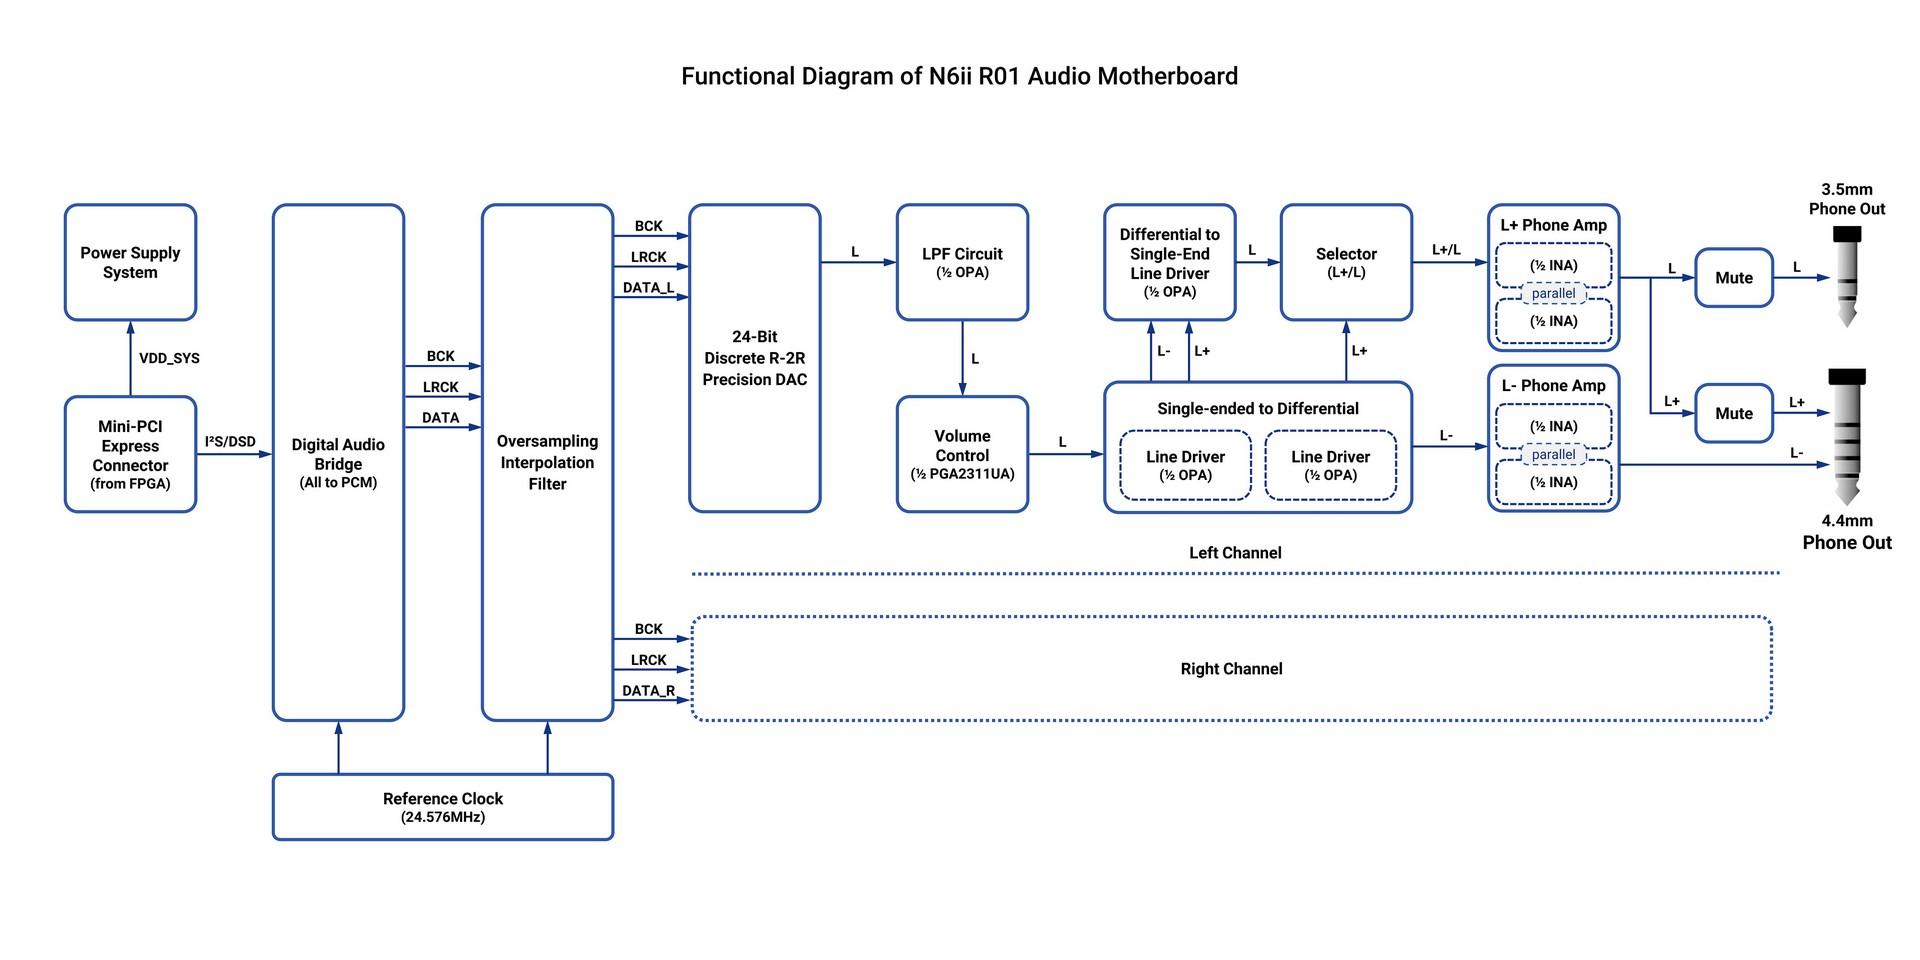 R01 Functional Diagram FHD.jpg